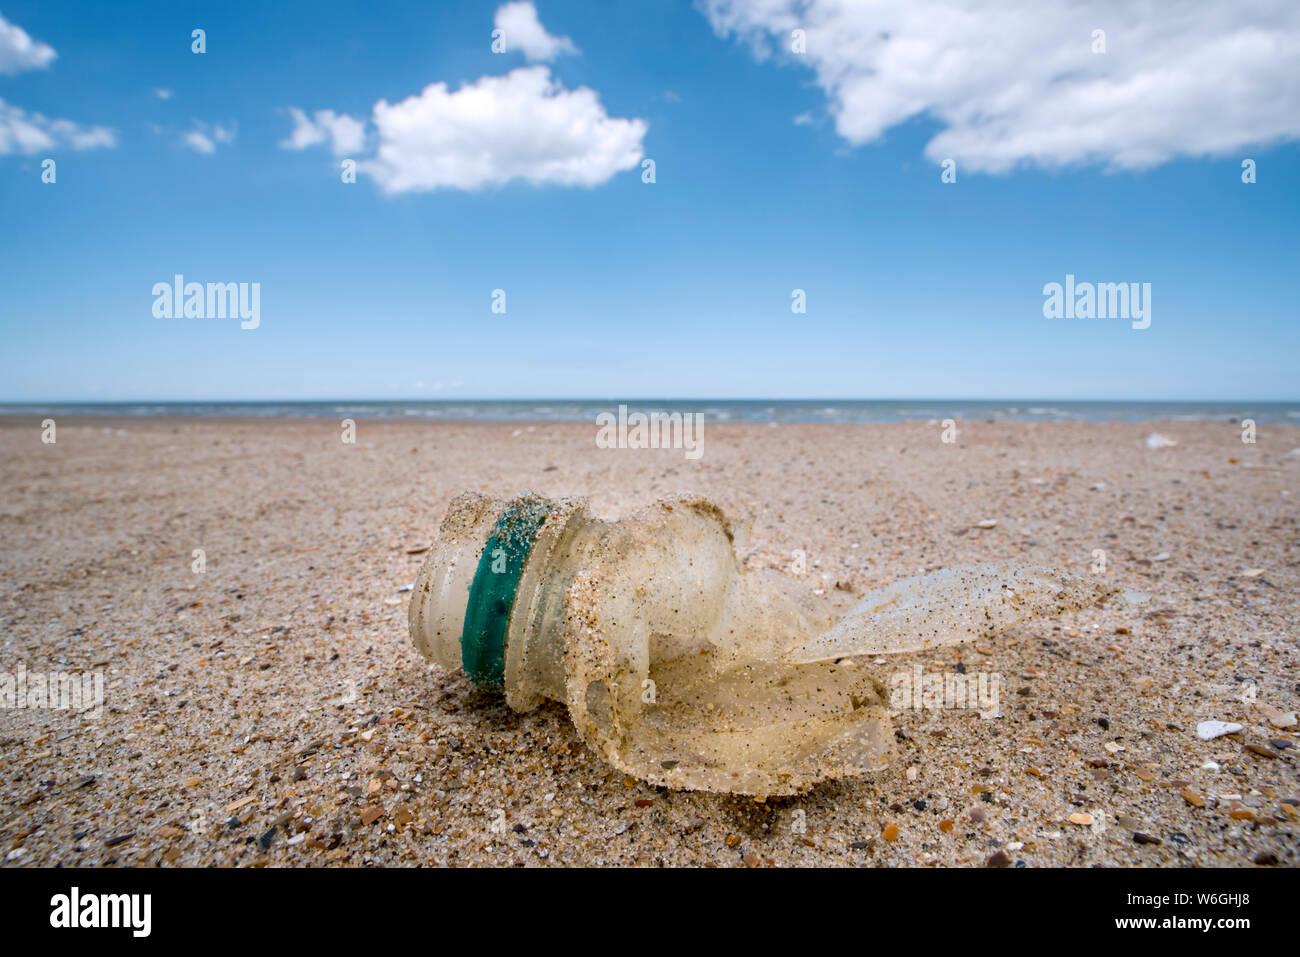 Desglosado en parte vieja botella de plástico, desechos no biodegradables arrojado por el mar en la playa de arena en la costa del Mar del Norte Foto de stock